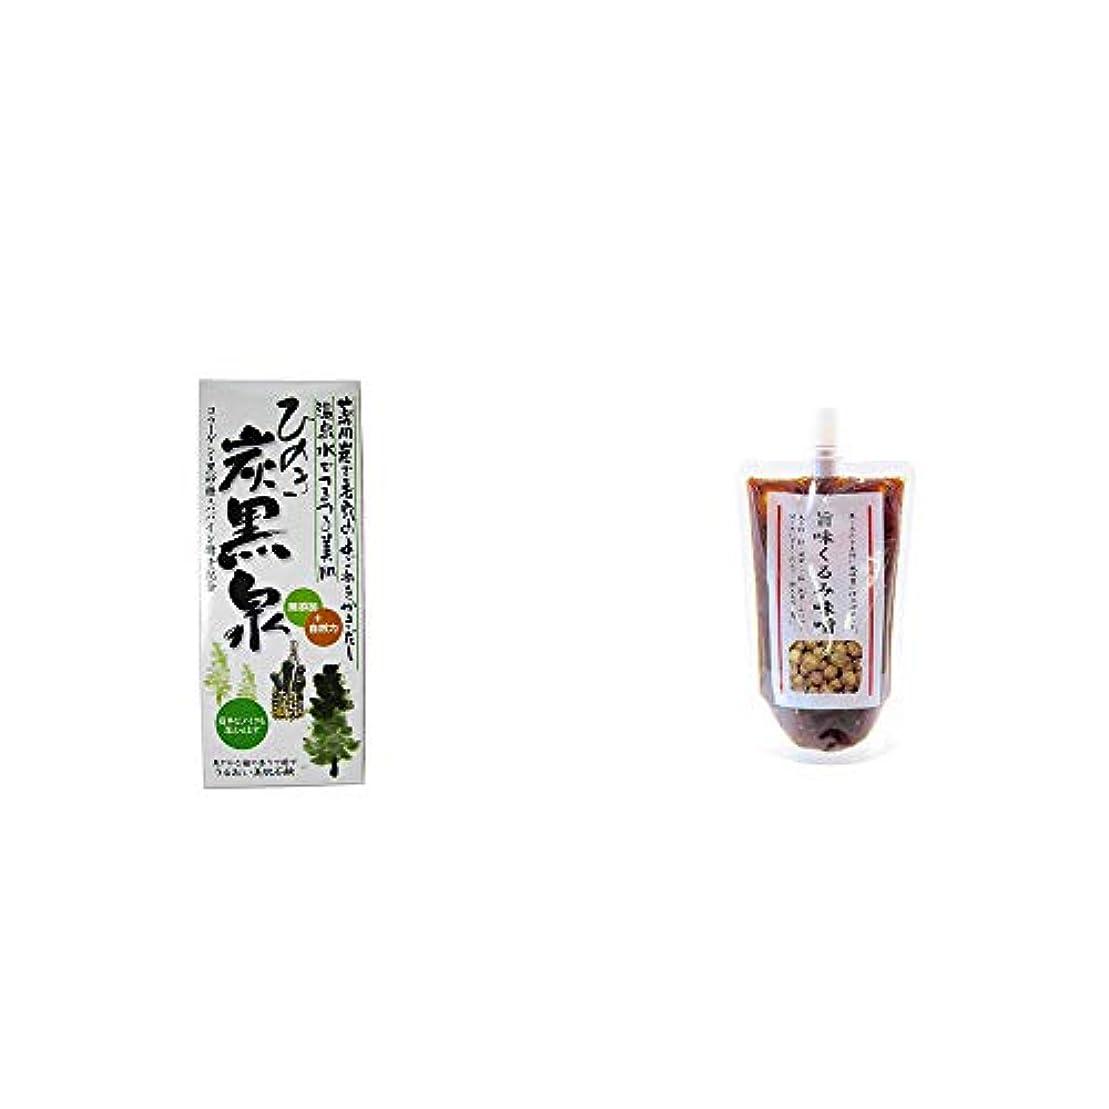 服さびた睡眠[2点セット] ひのき炭黒泉 箱入り(75g×3)?旨味くるみ味噌(260g)